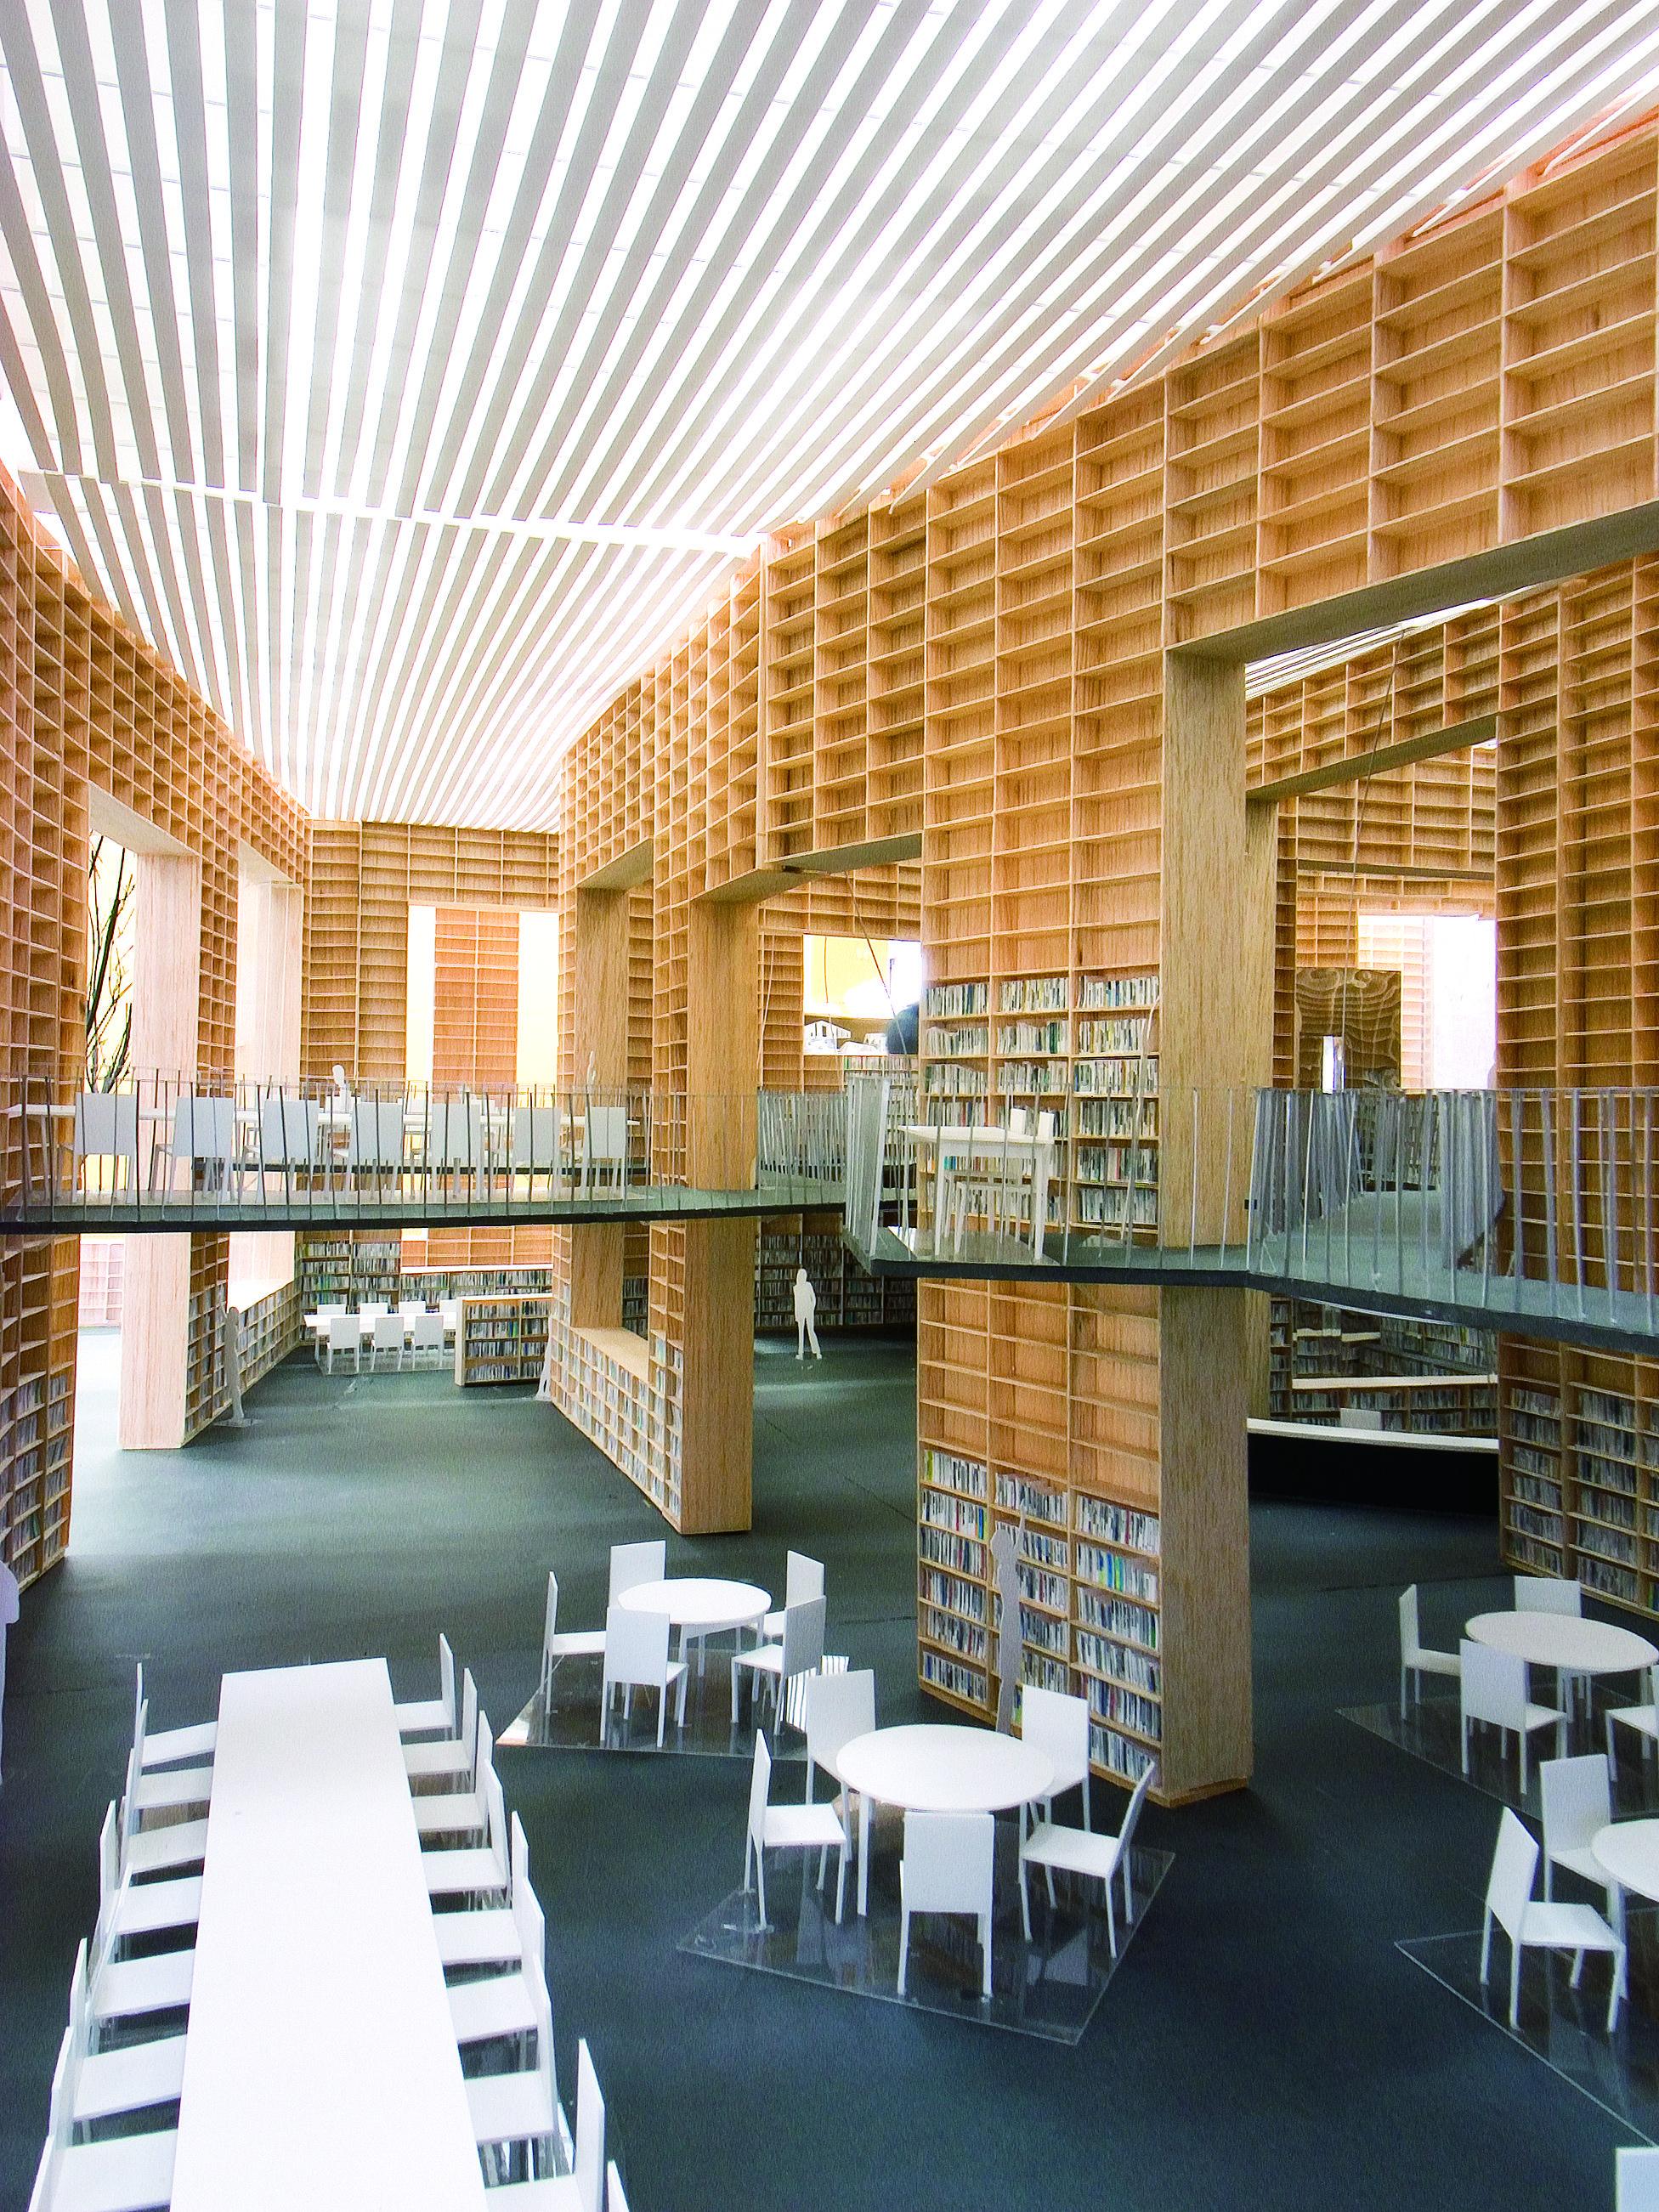 musashino art university museum and library tokyo japan